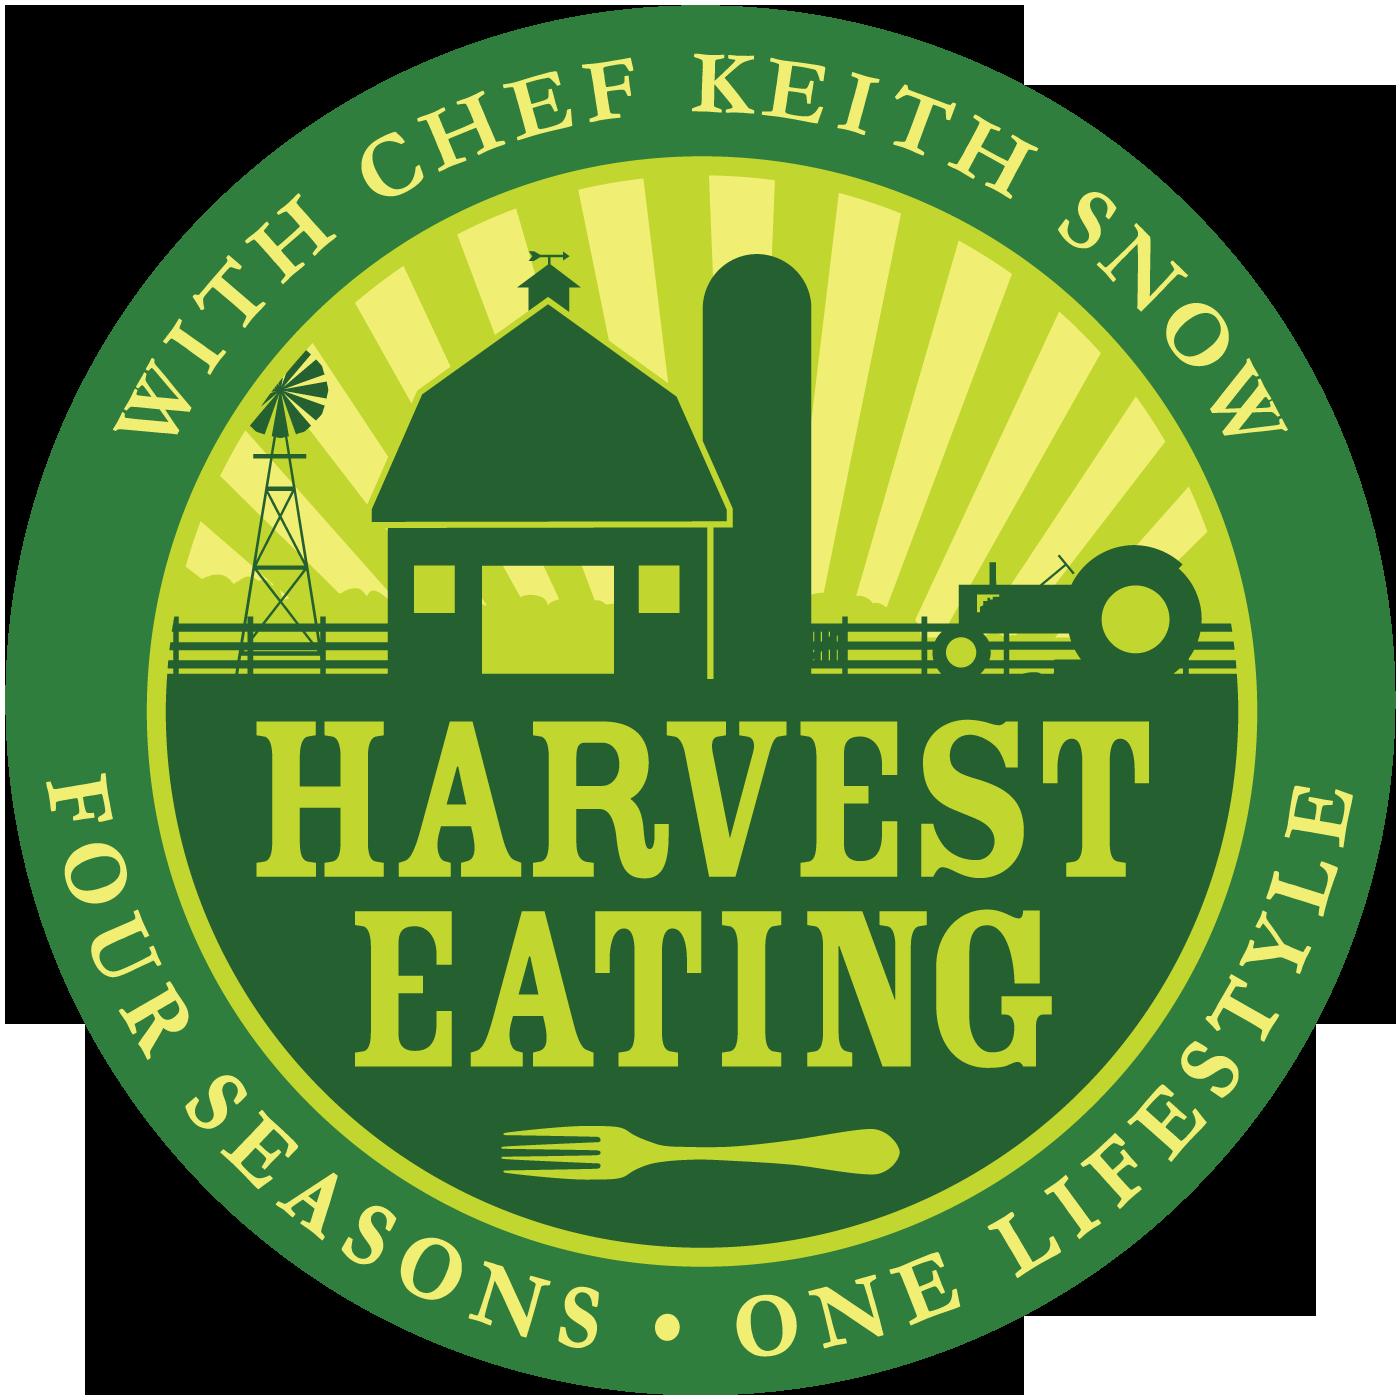 431-Elote Wedge Salad, Harvest Eating Podcast